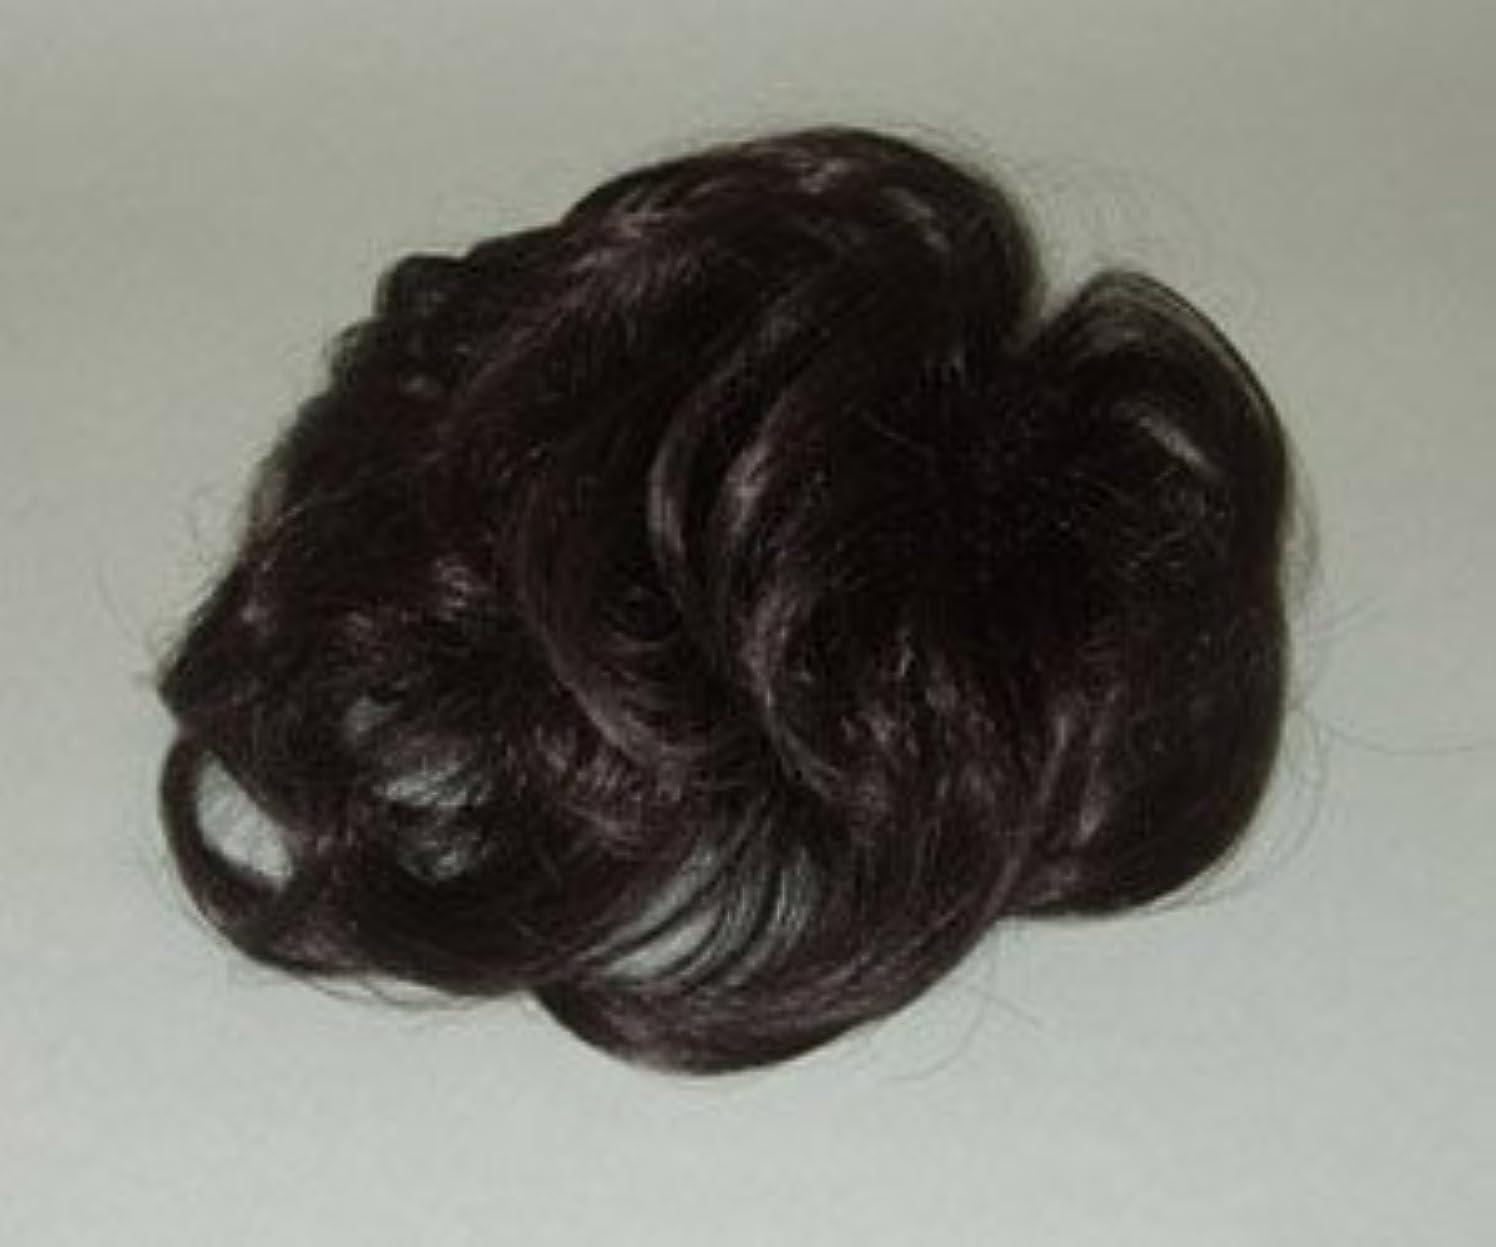 原理火山言う富士パックス販売 ボンヘアー BON HAIR (ボリュームアップタイプ) ブラウン